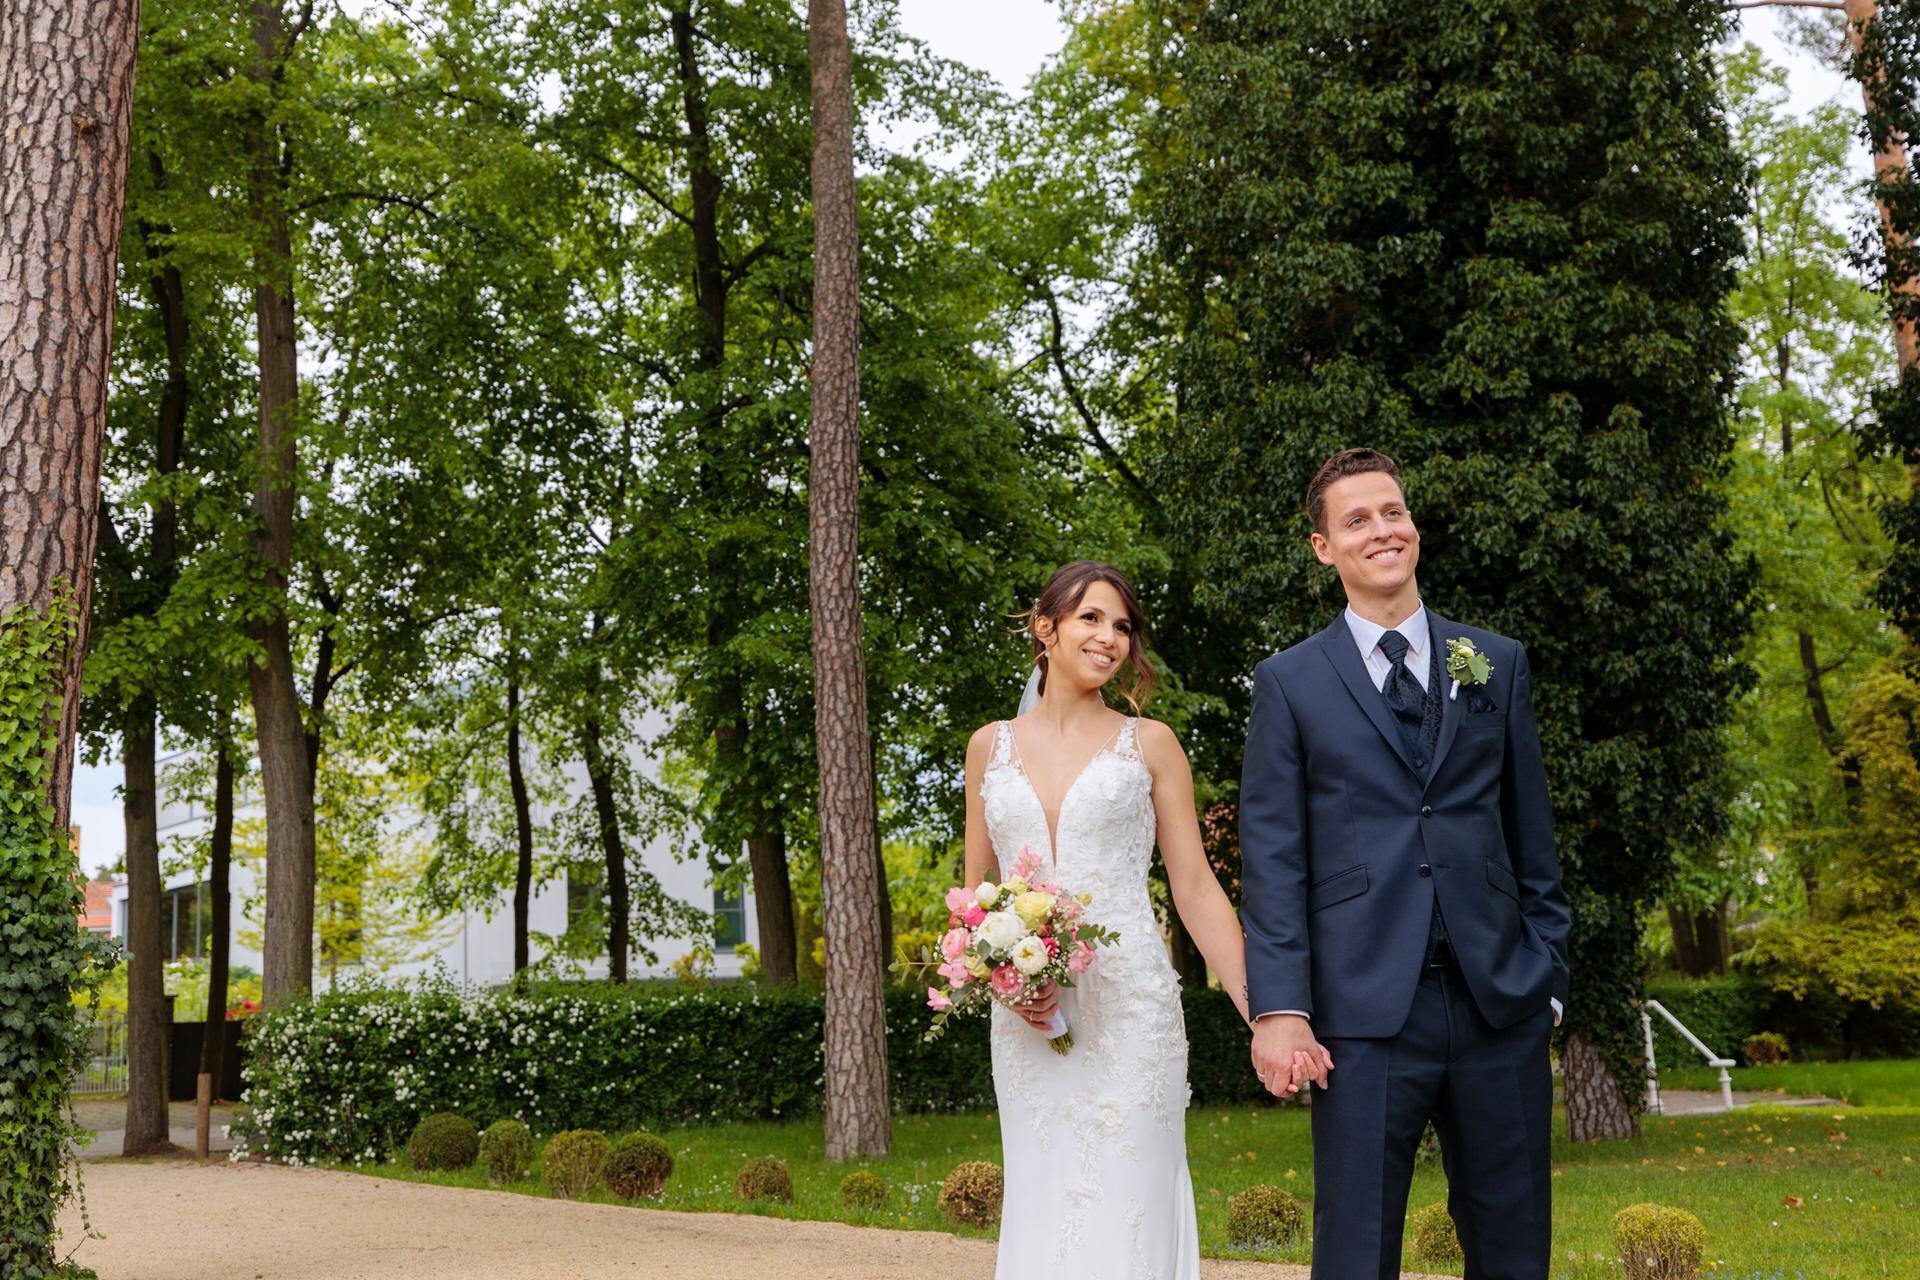 10 Gründe für eine Hochzeitsreportage durch zwei Fotografen